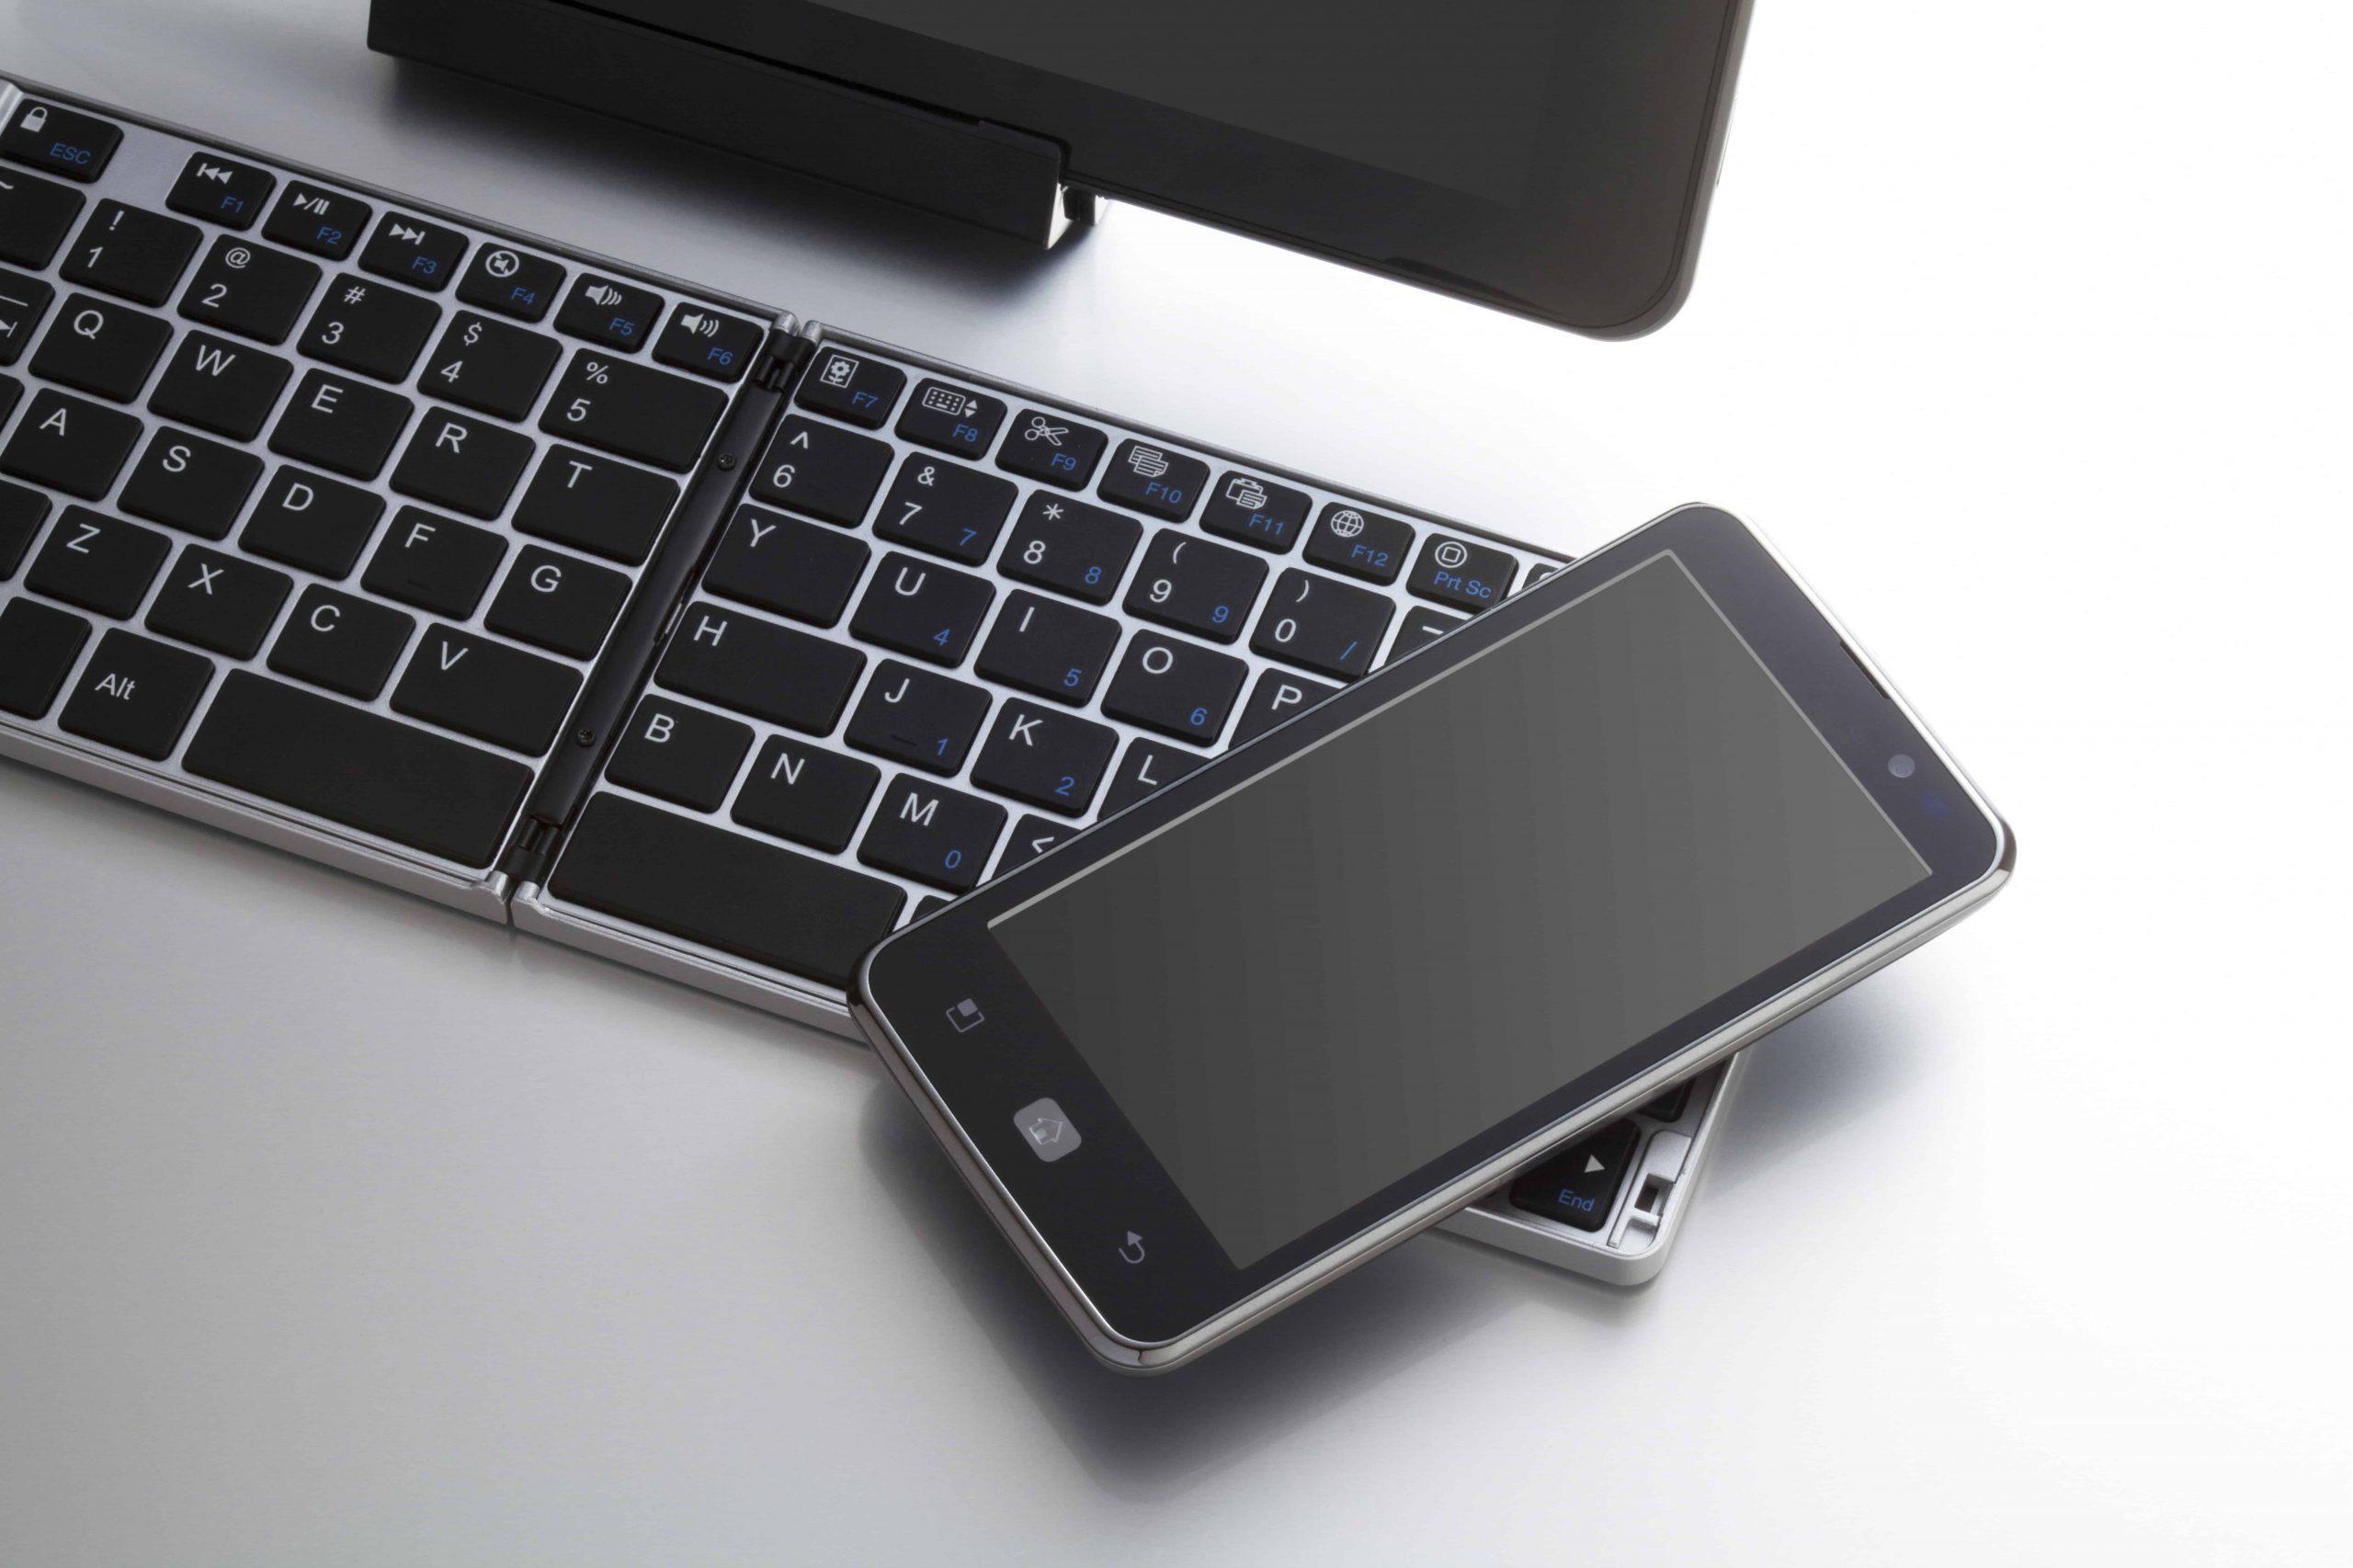 Imagem de um teclado dobrável com um celular em cima.